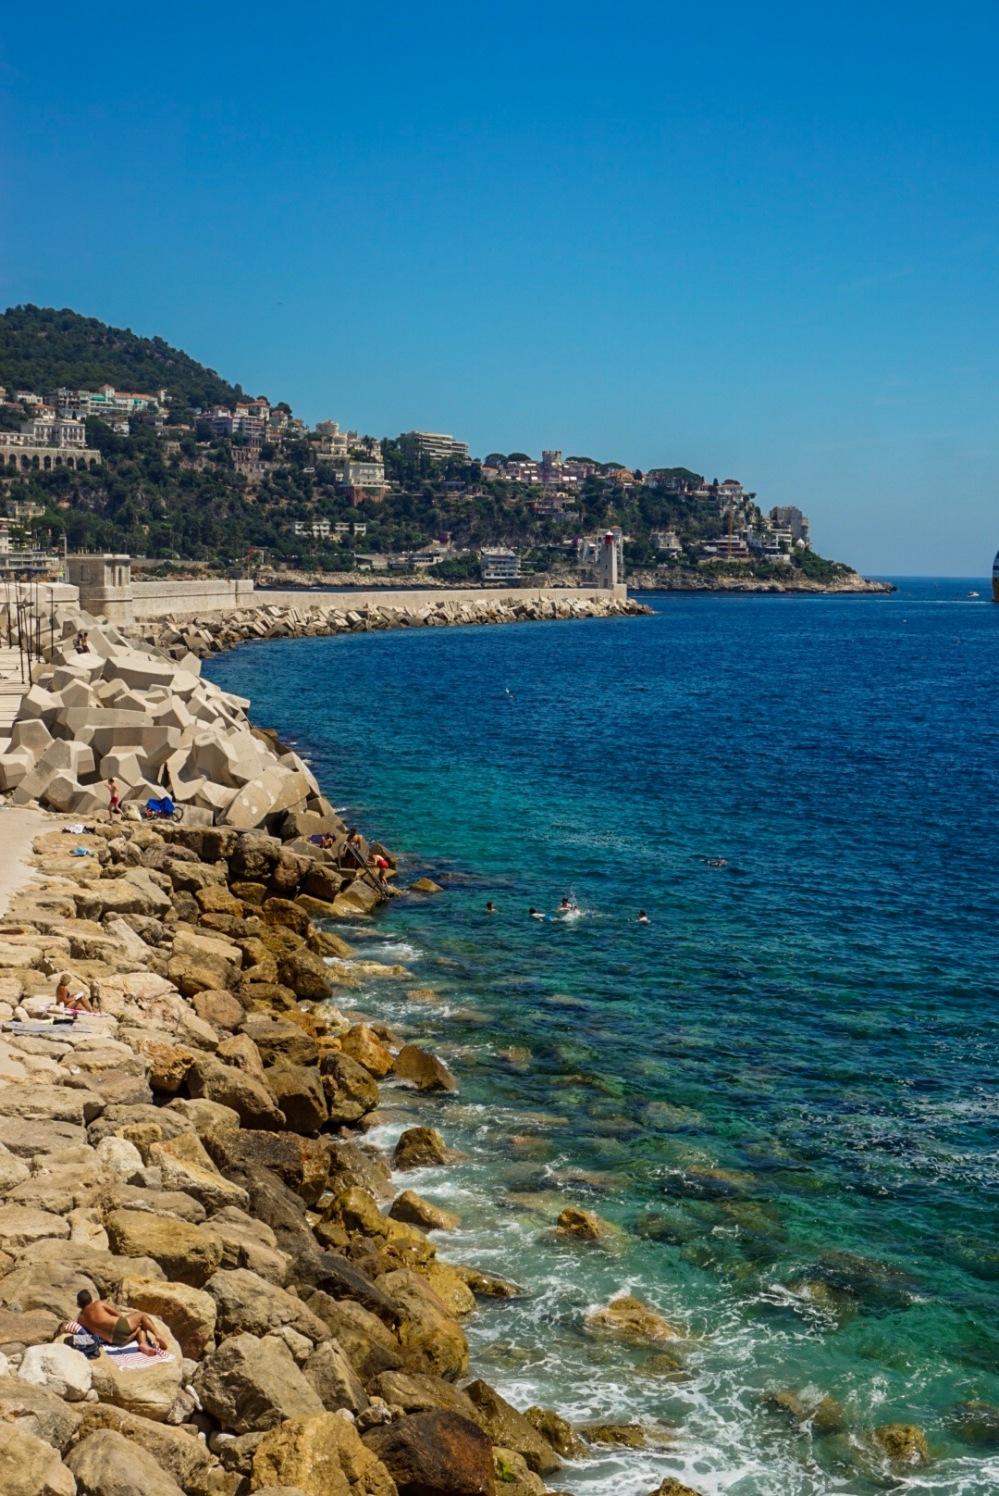 Blue sea, Nice, France